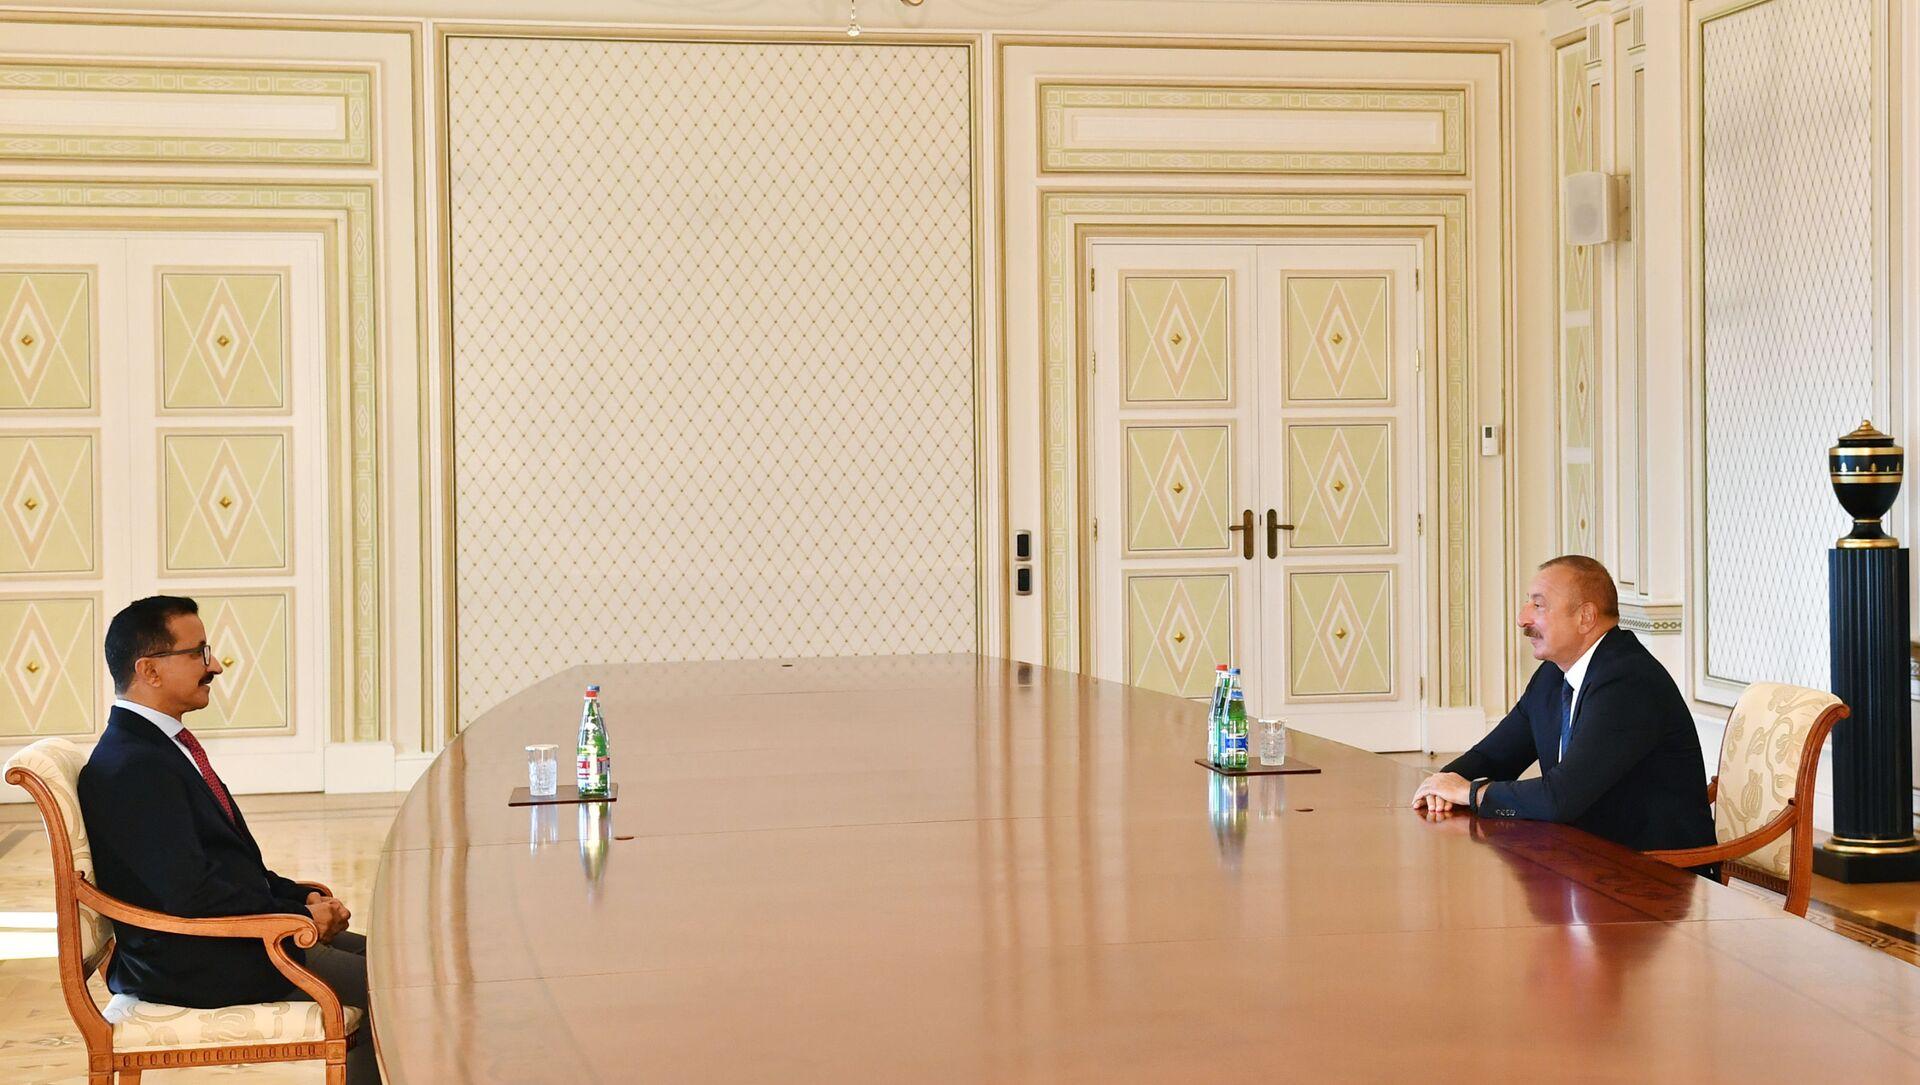 """Prezident İlham Əliyev """"DP World"""" şirkətlər qrupunun sədri və icraçı direktoru Sultan Əhməd bin Sulaimi qəbul edib - Sputnik Azərbaycan, 1920, 21.09.2021"""